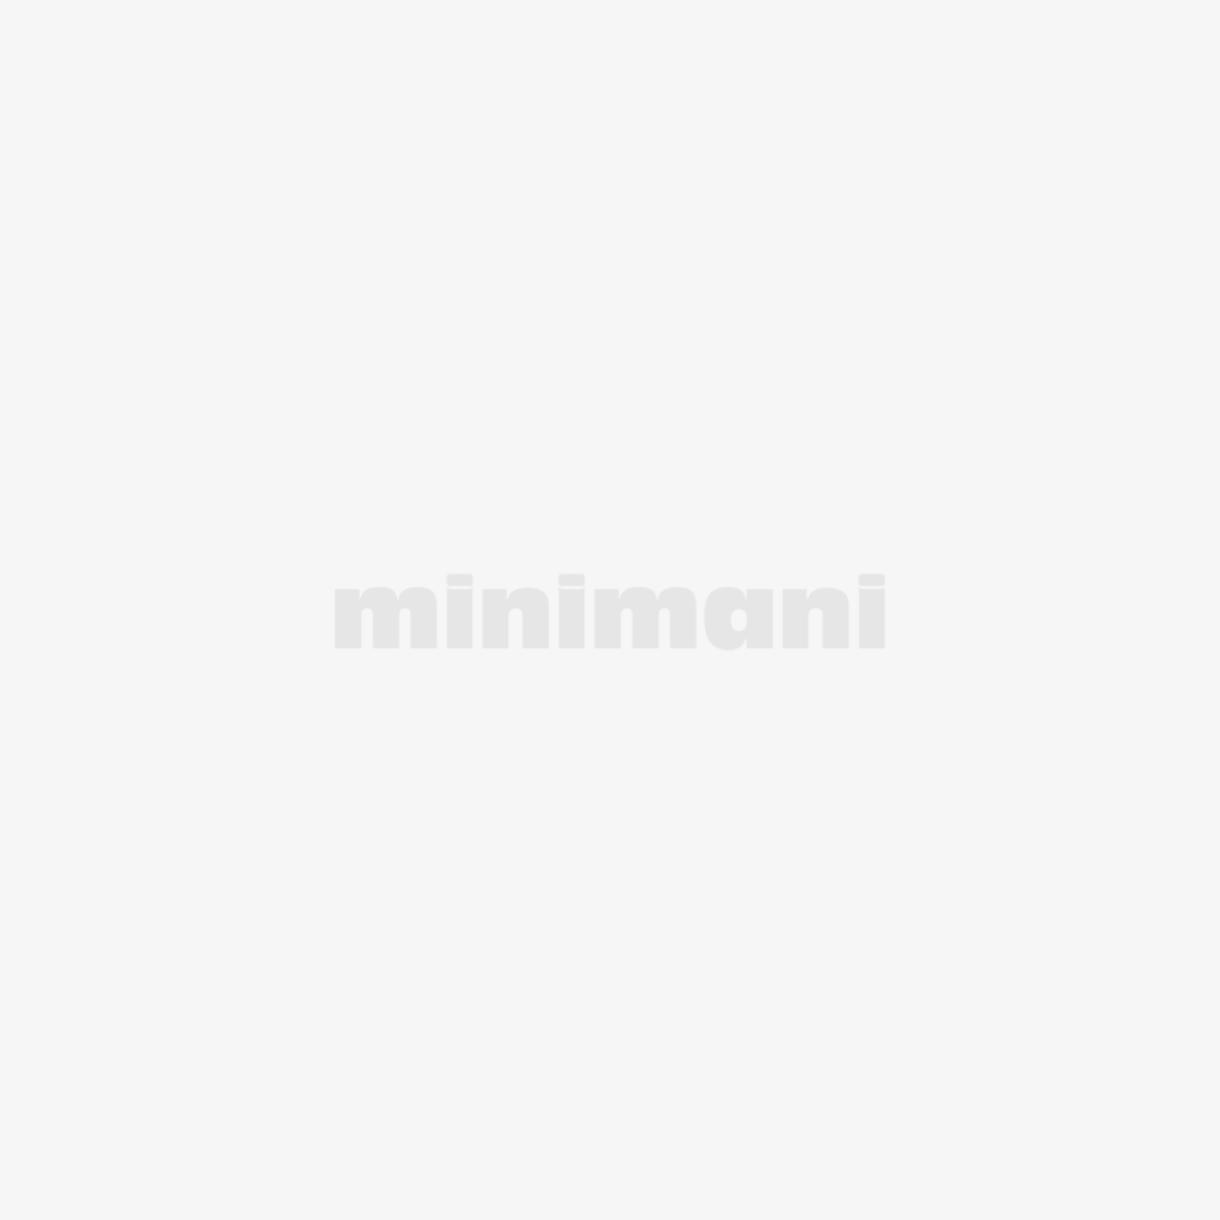 M-FILTER RAITISILMASUODATIN MAC 8028 C2,C3,C4,1007,307,308